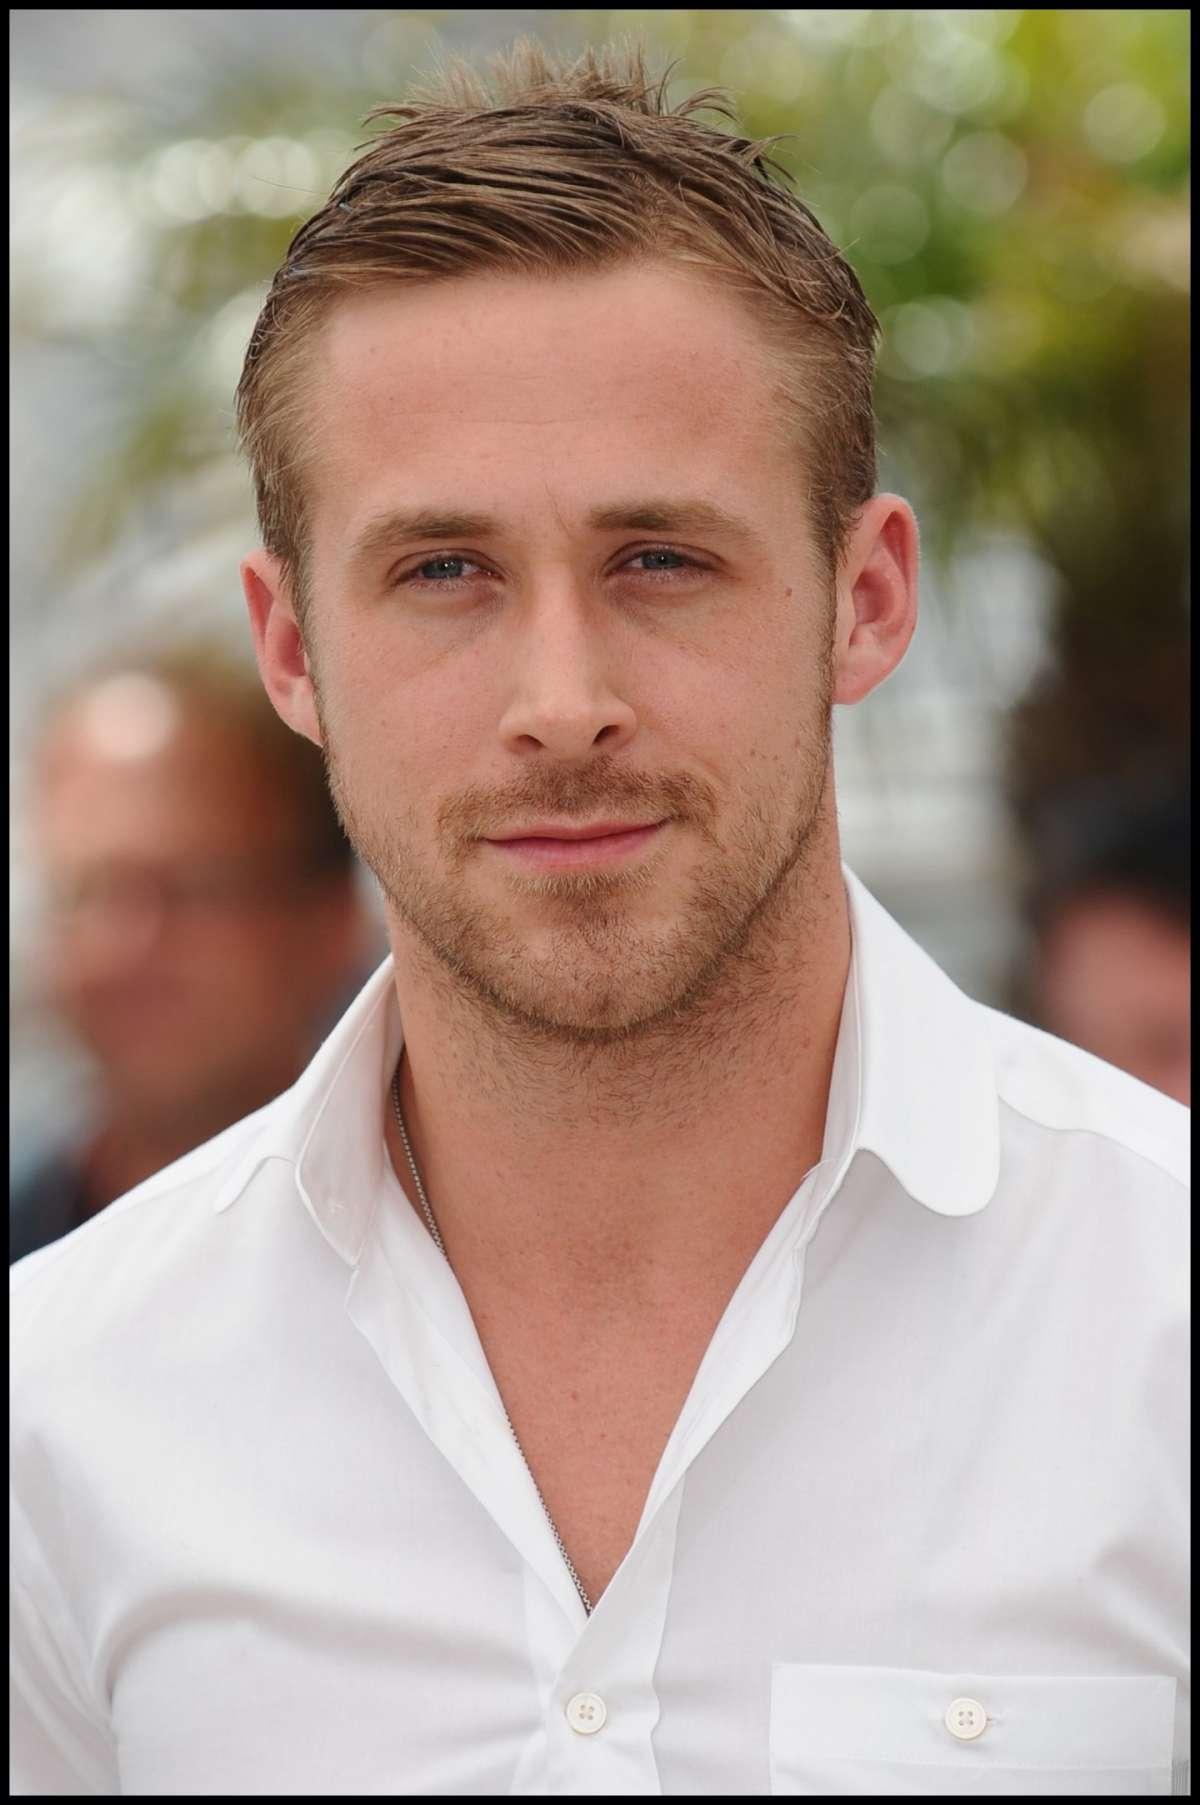 Tutti gli uomini più belli del 2012 [FOTO]